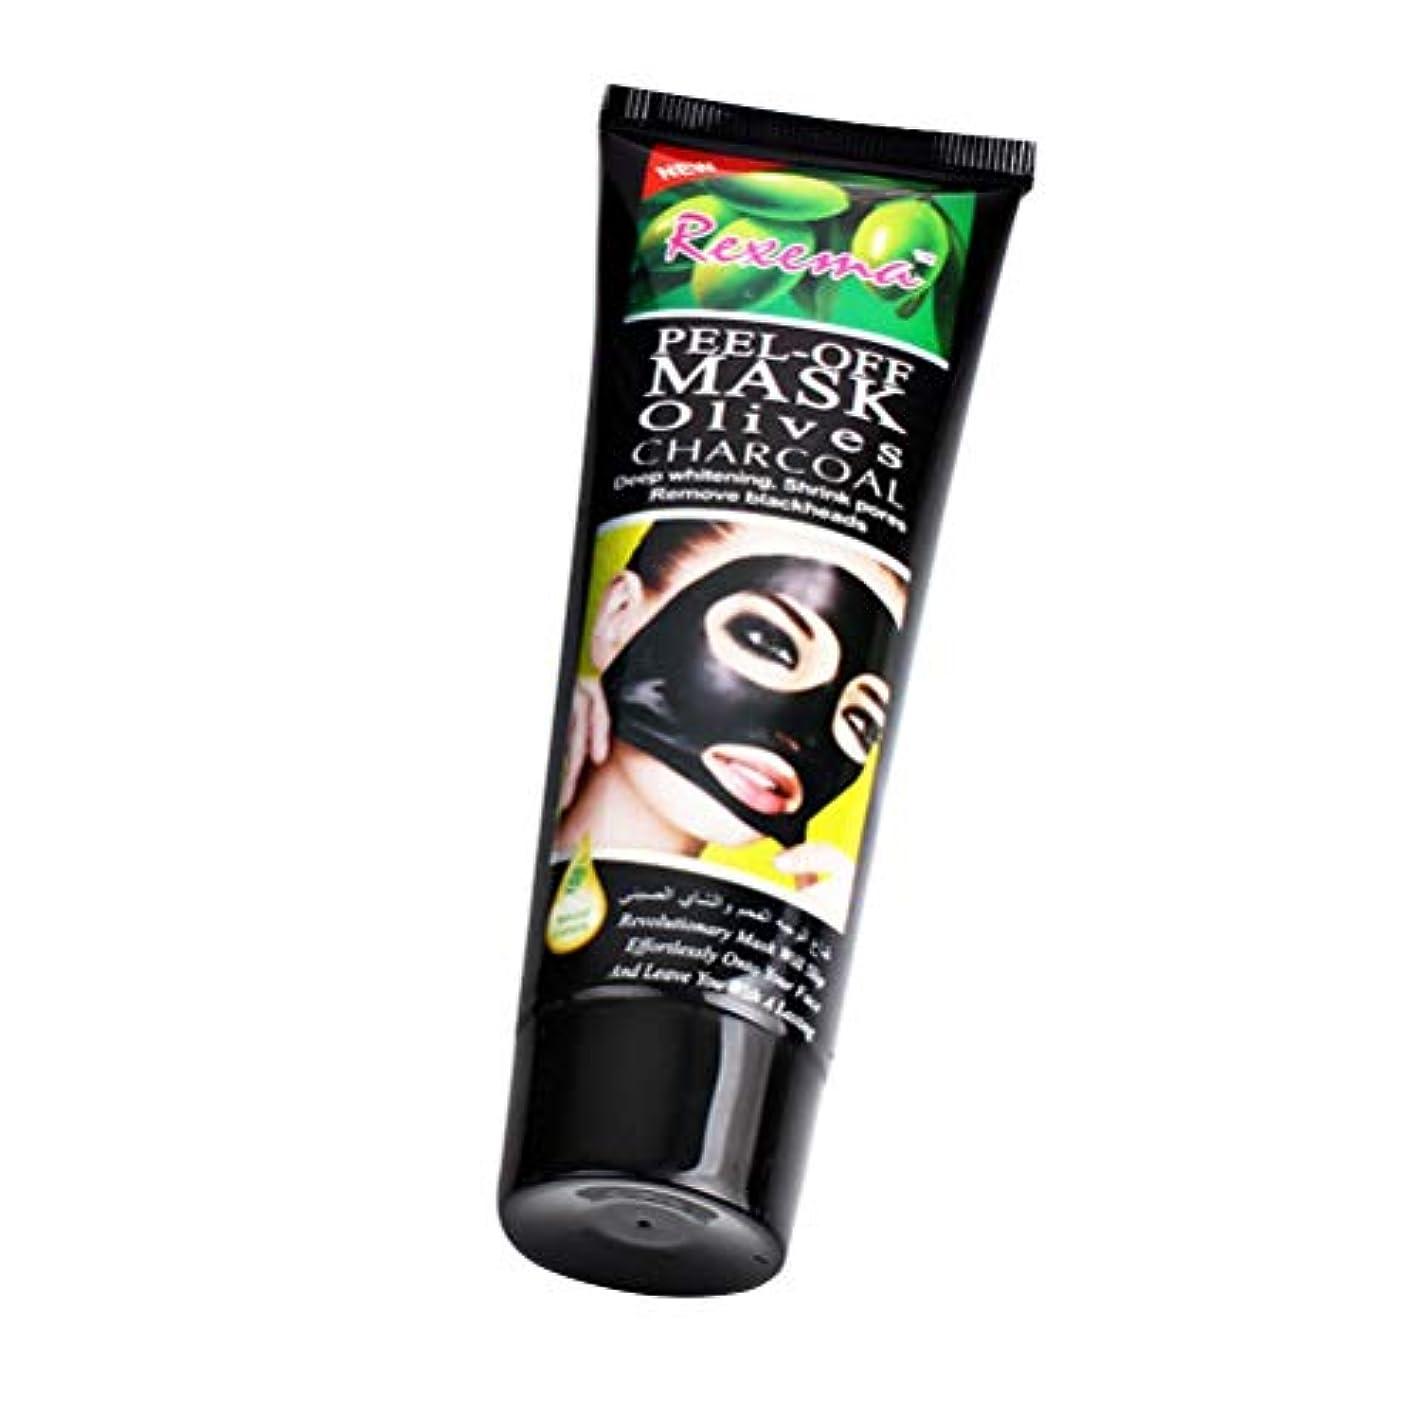 ファンネルウェブスパイダー勝者あえてSUPVOX にきびの顔の毛穴の最小化装置の深い毛穴の浄化の処置のための自然なオリーブの顔のマスクの顔のマスクはしわのクリーニングおよび養う顔を減らします